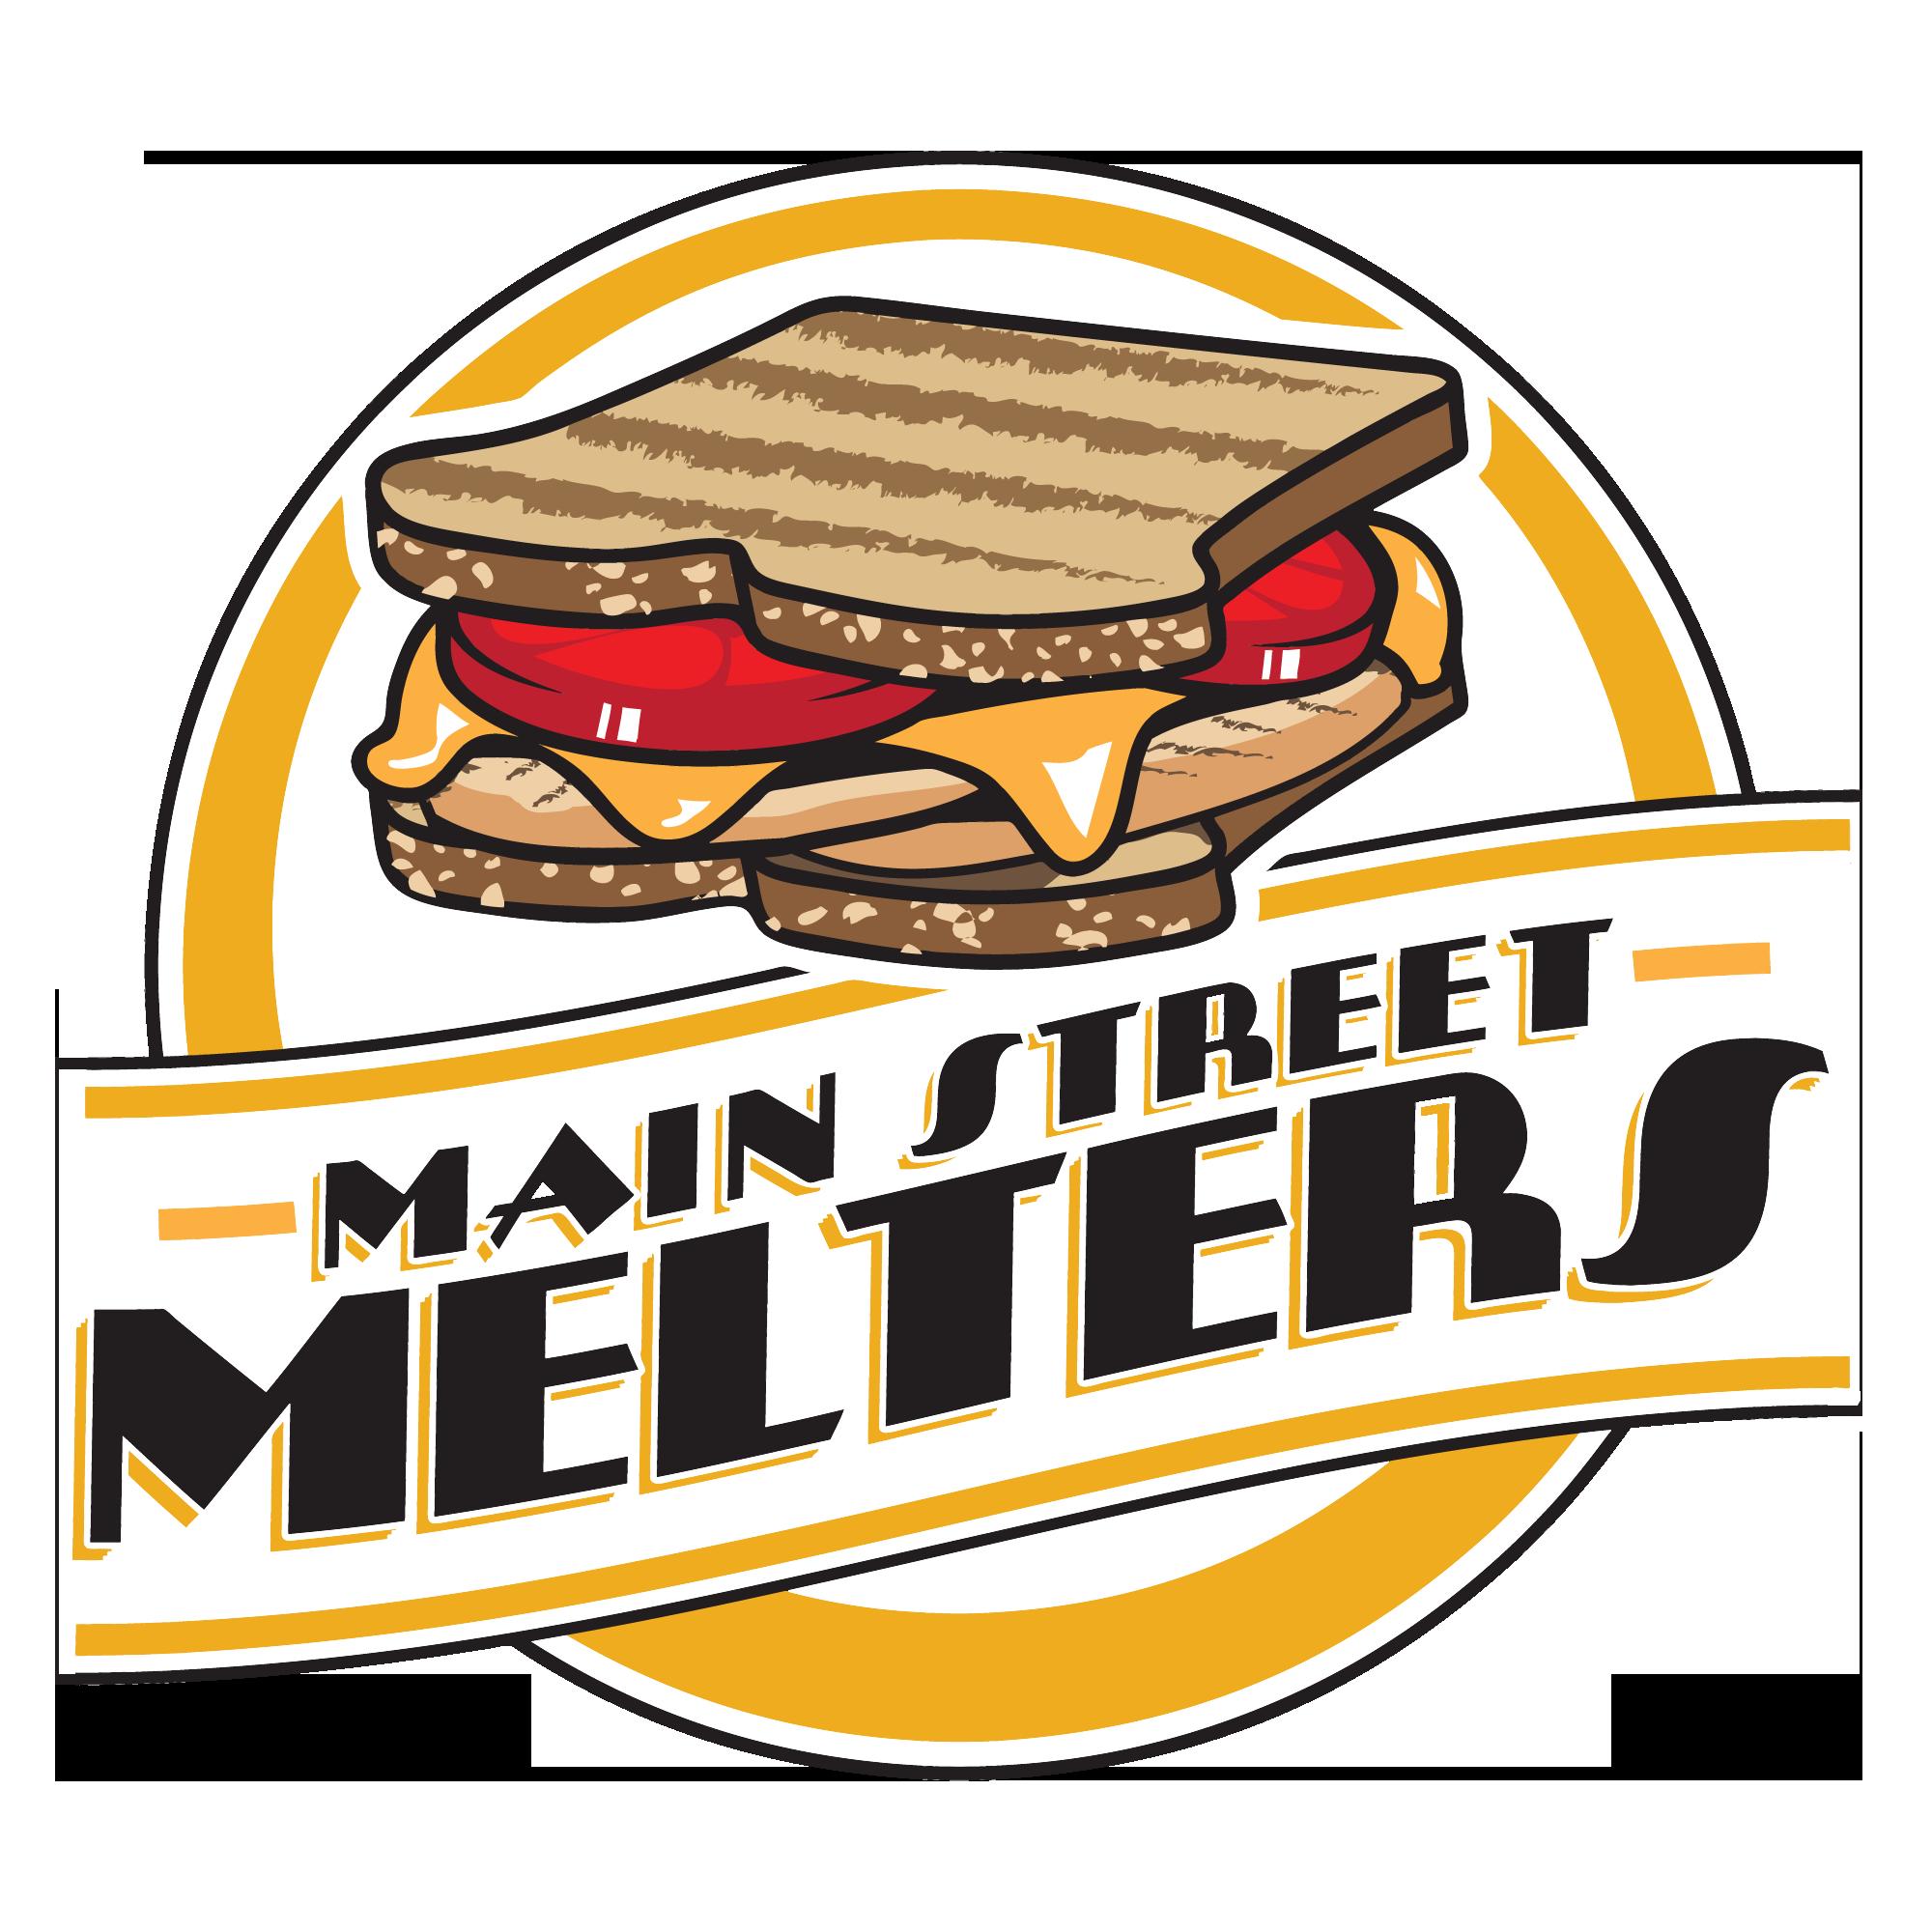 Sandwich sandwich bar